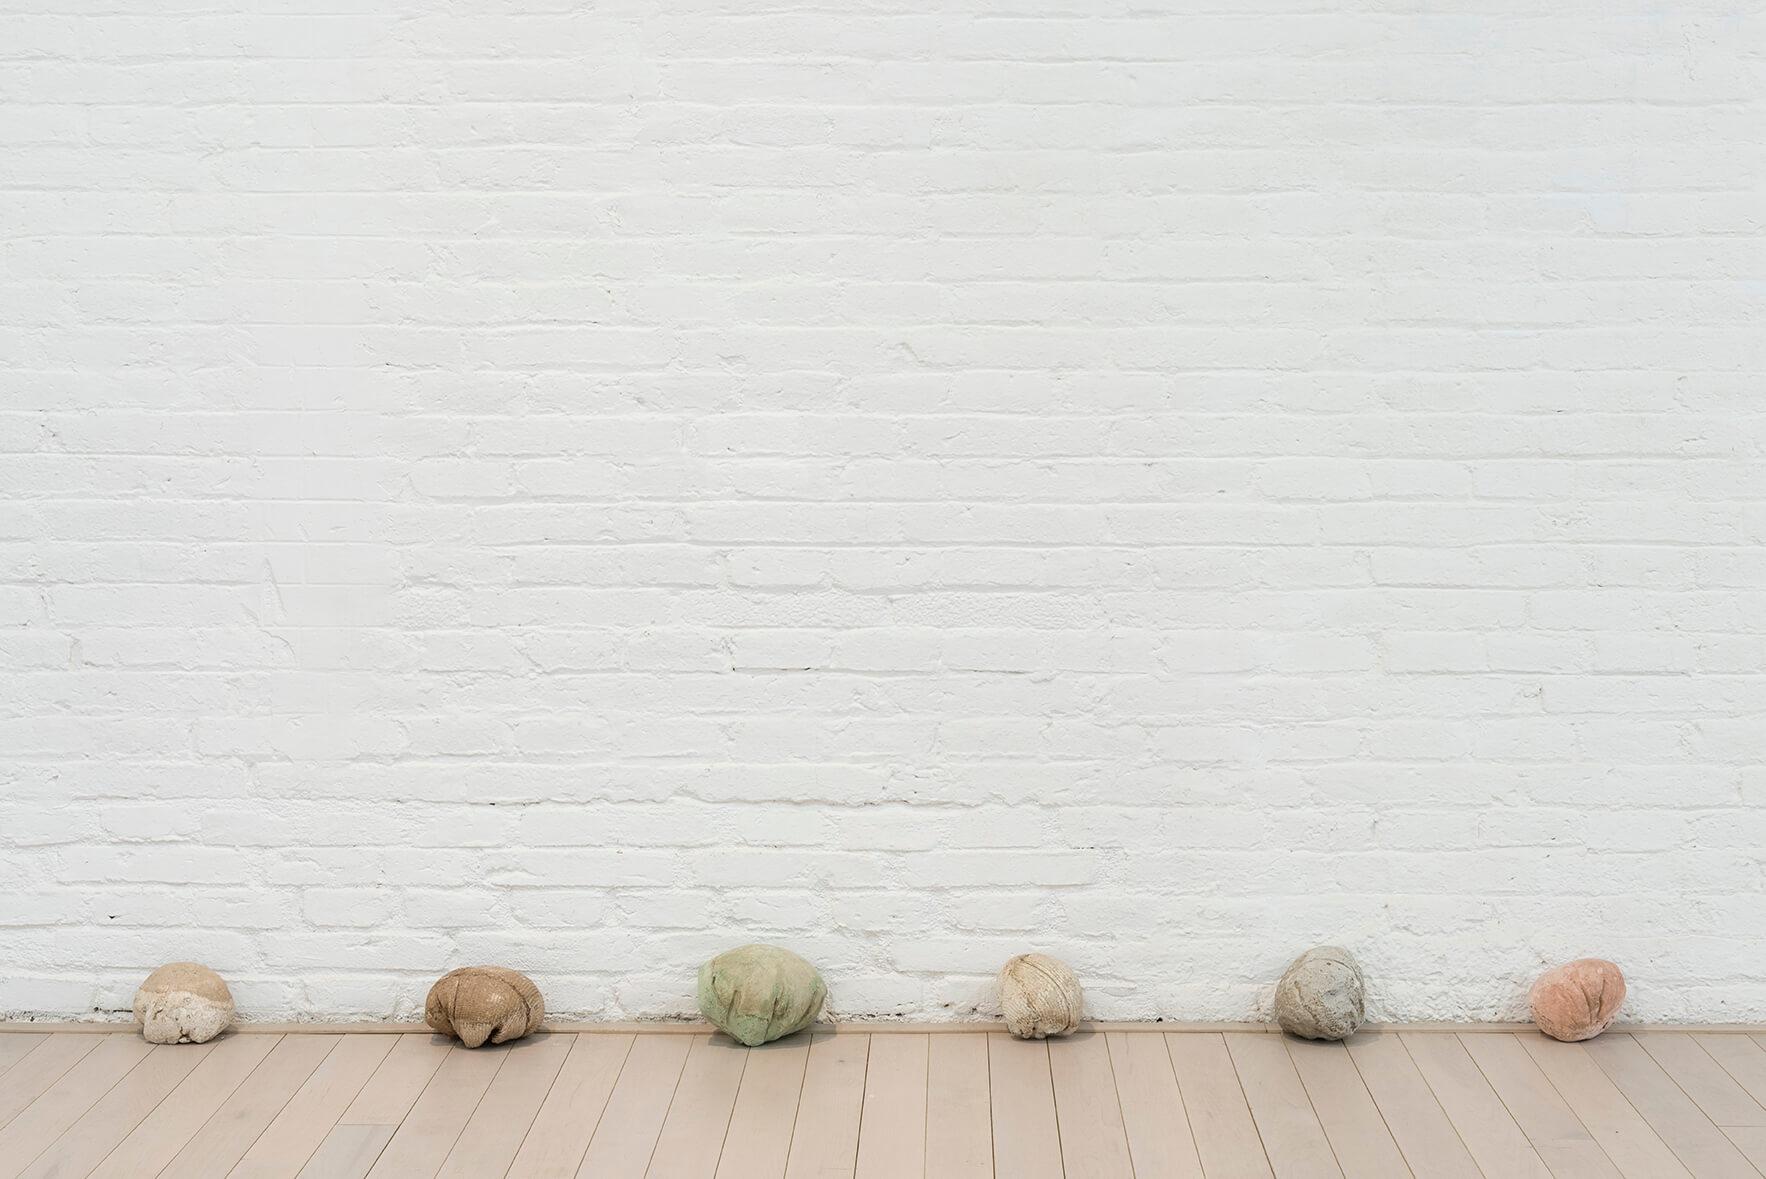 Balls, 2015 |  | ProjecteSD